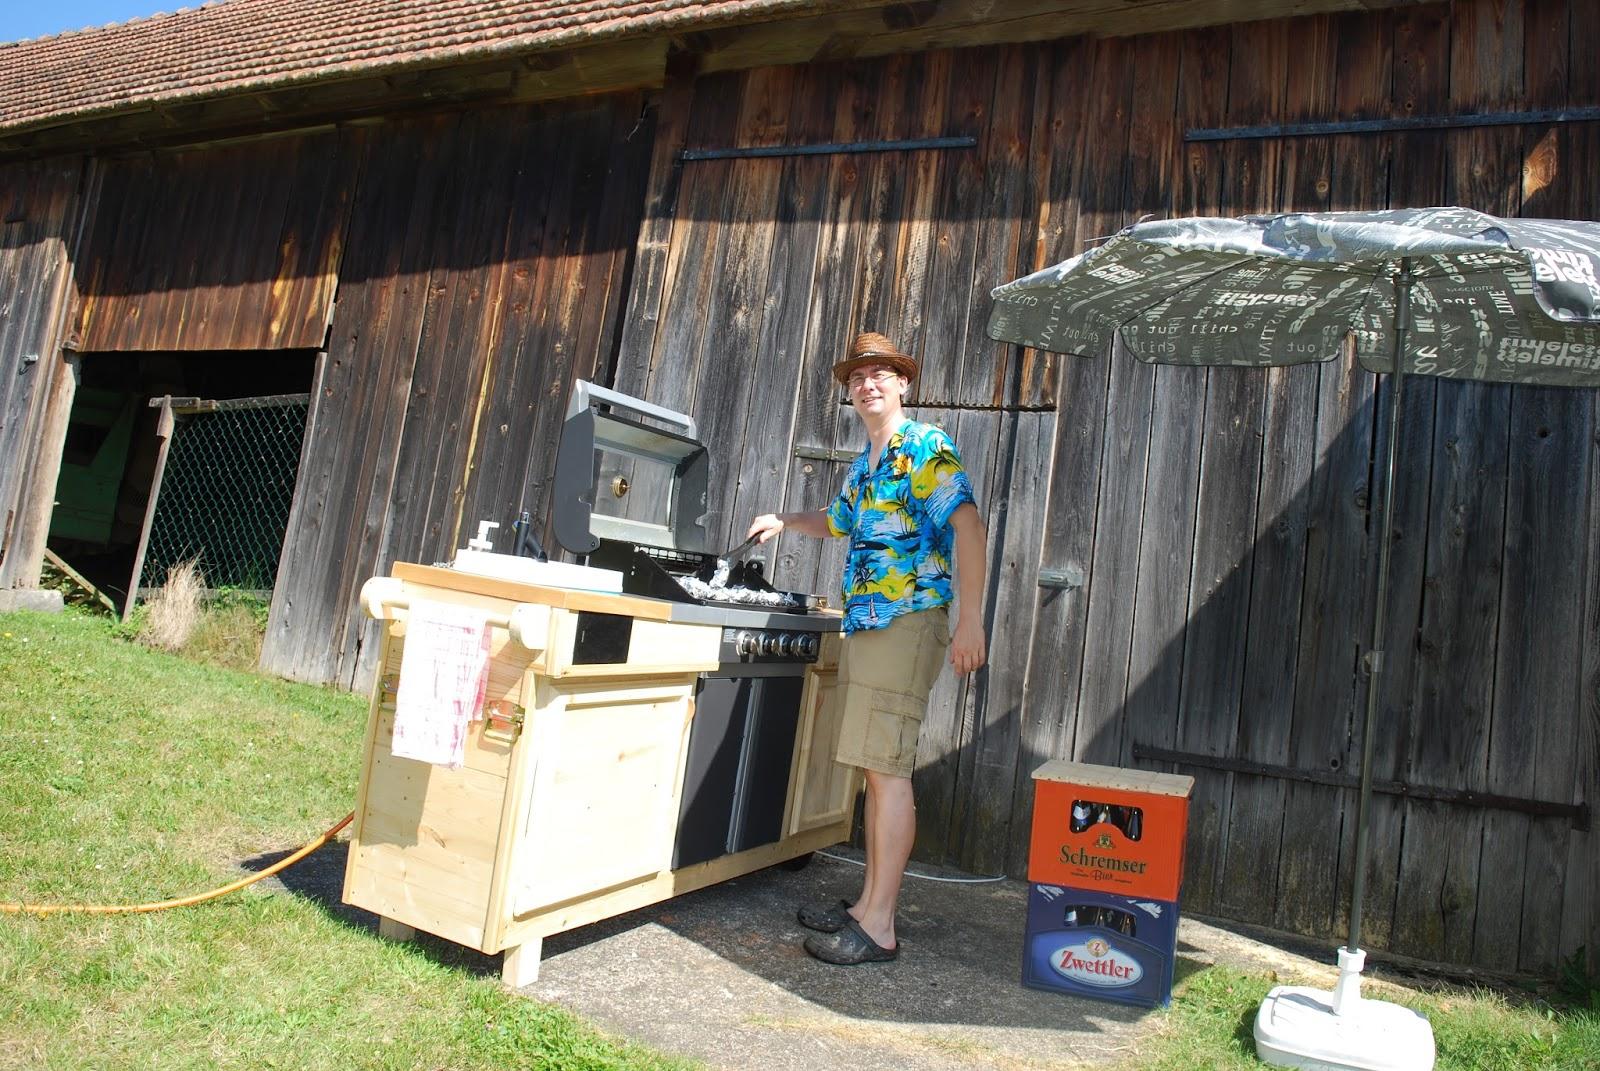 Outdoor Küche Rund : Meine arbeiten rund um s holz das grillomobil oder wie baue ich